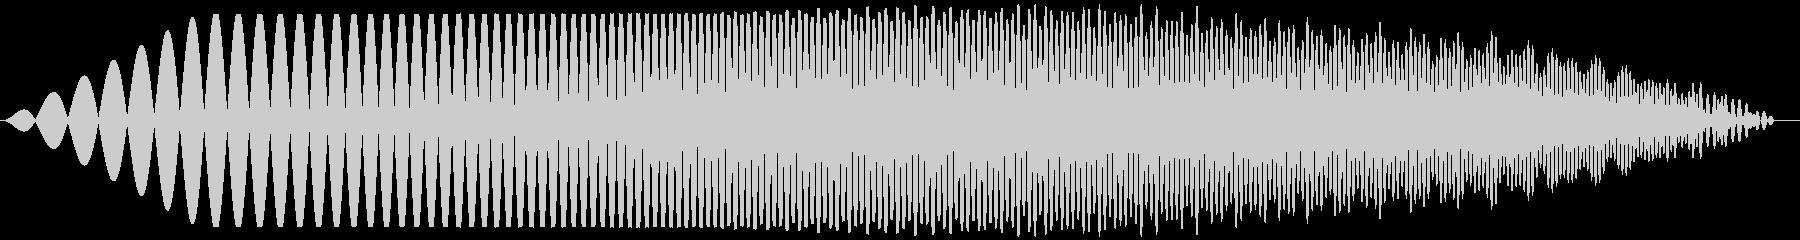 ブオオ(膨らむ音 膨張 クローズアップ)の未再生の波形